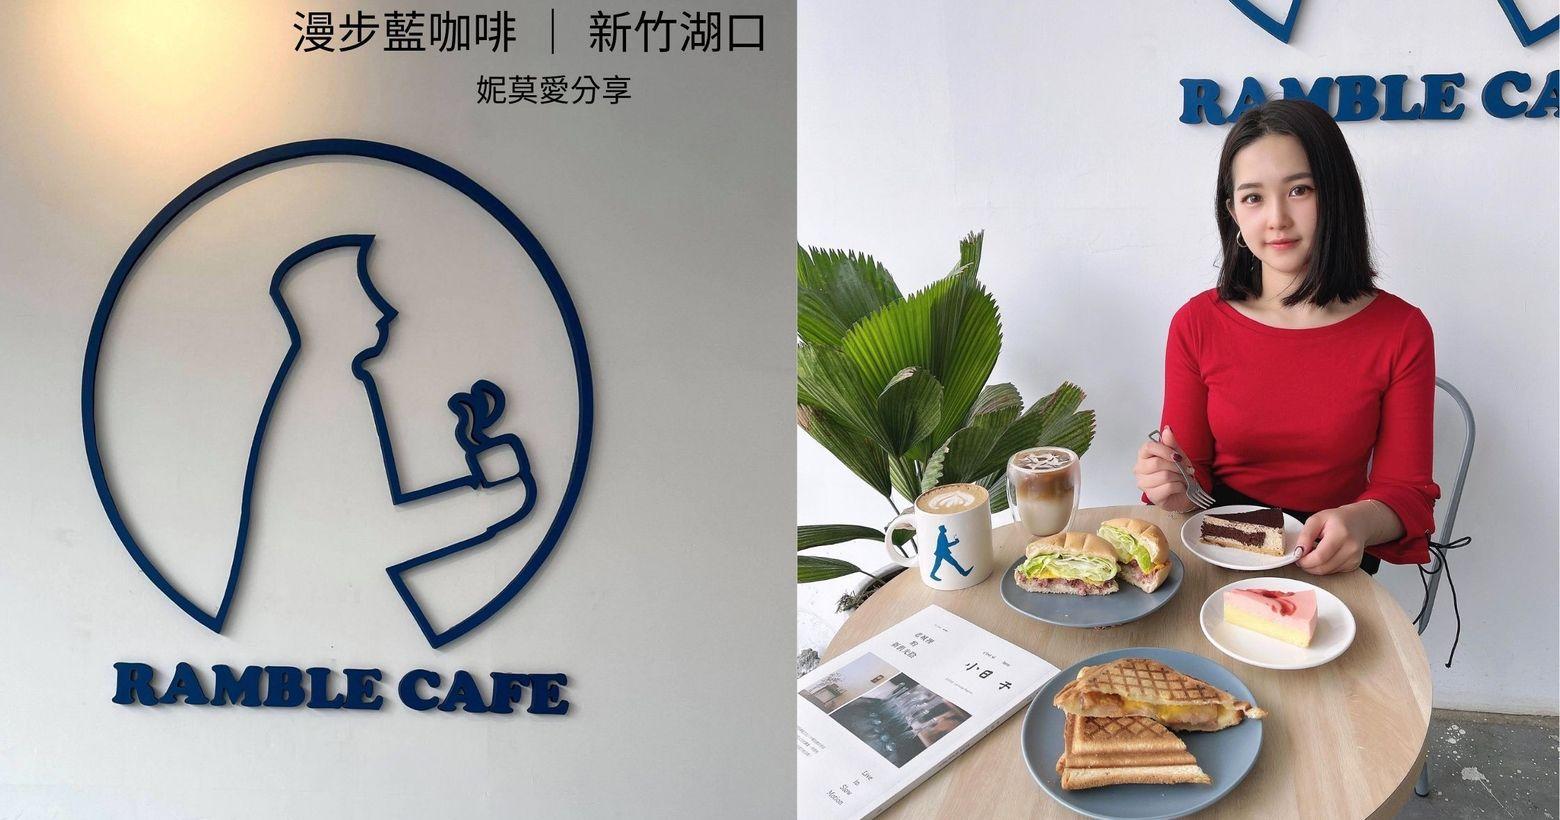 漫步藍咖啡 | 新竹湖口《RambleCafe漫步藍咖啡新竹湖口店資訊》電話:03-5980283&